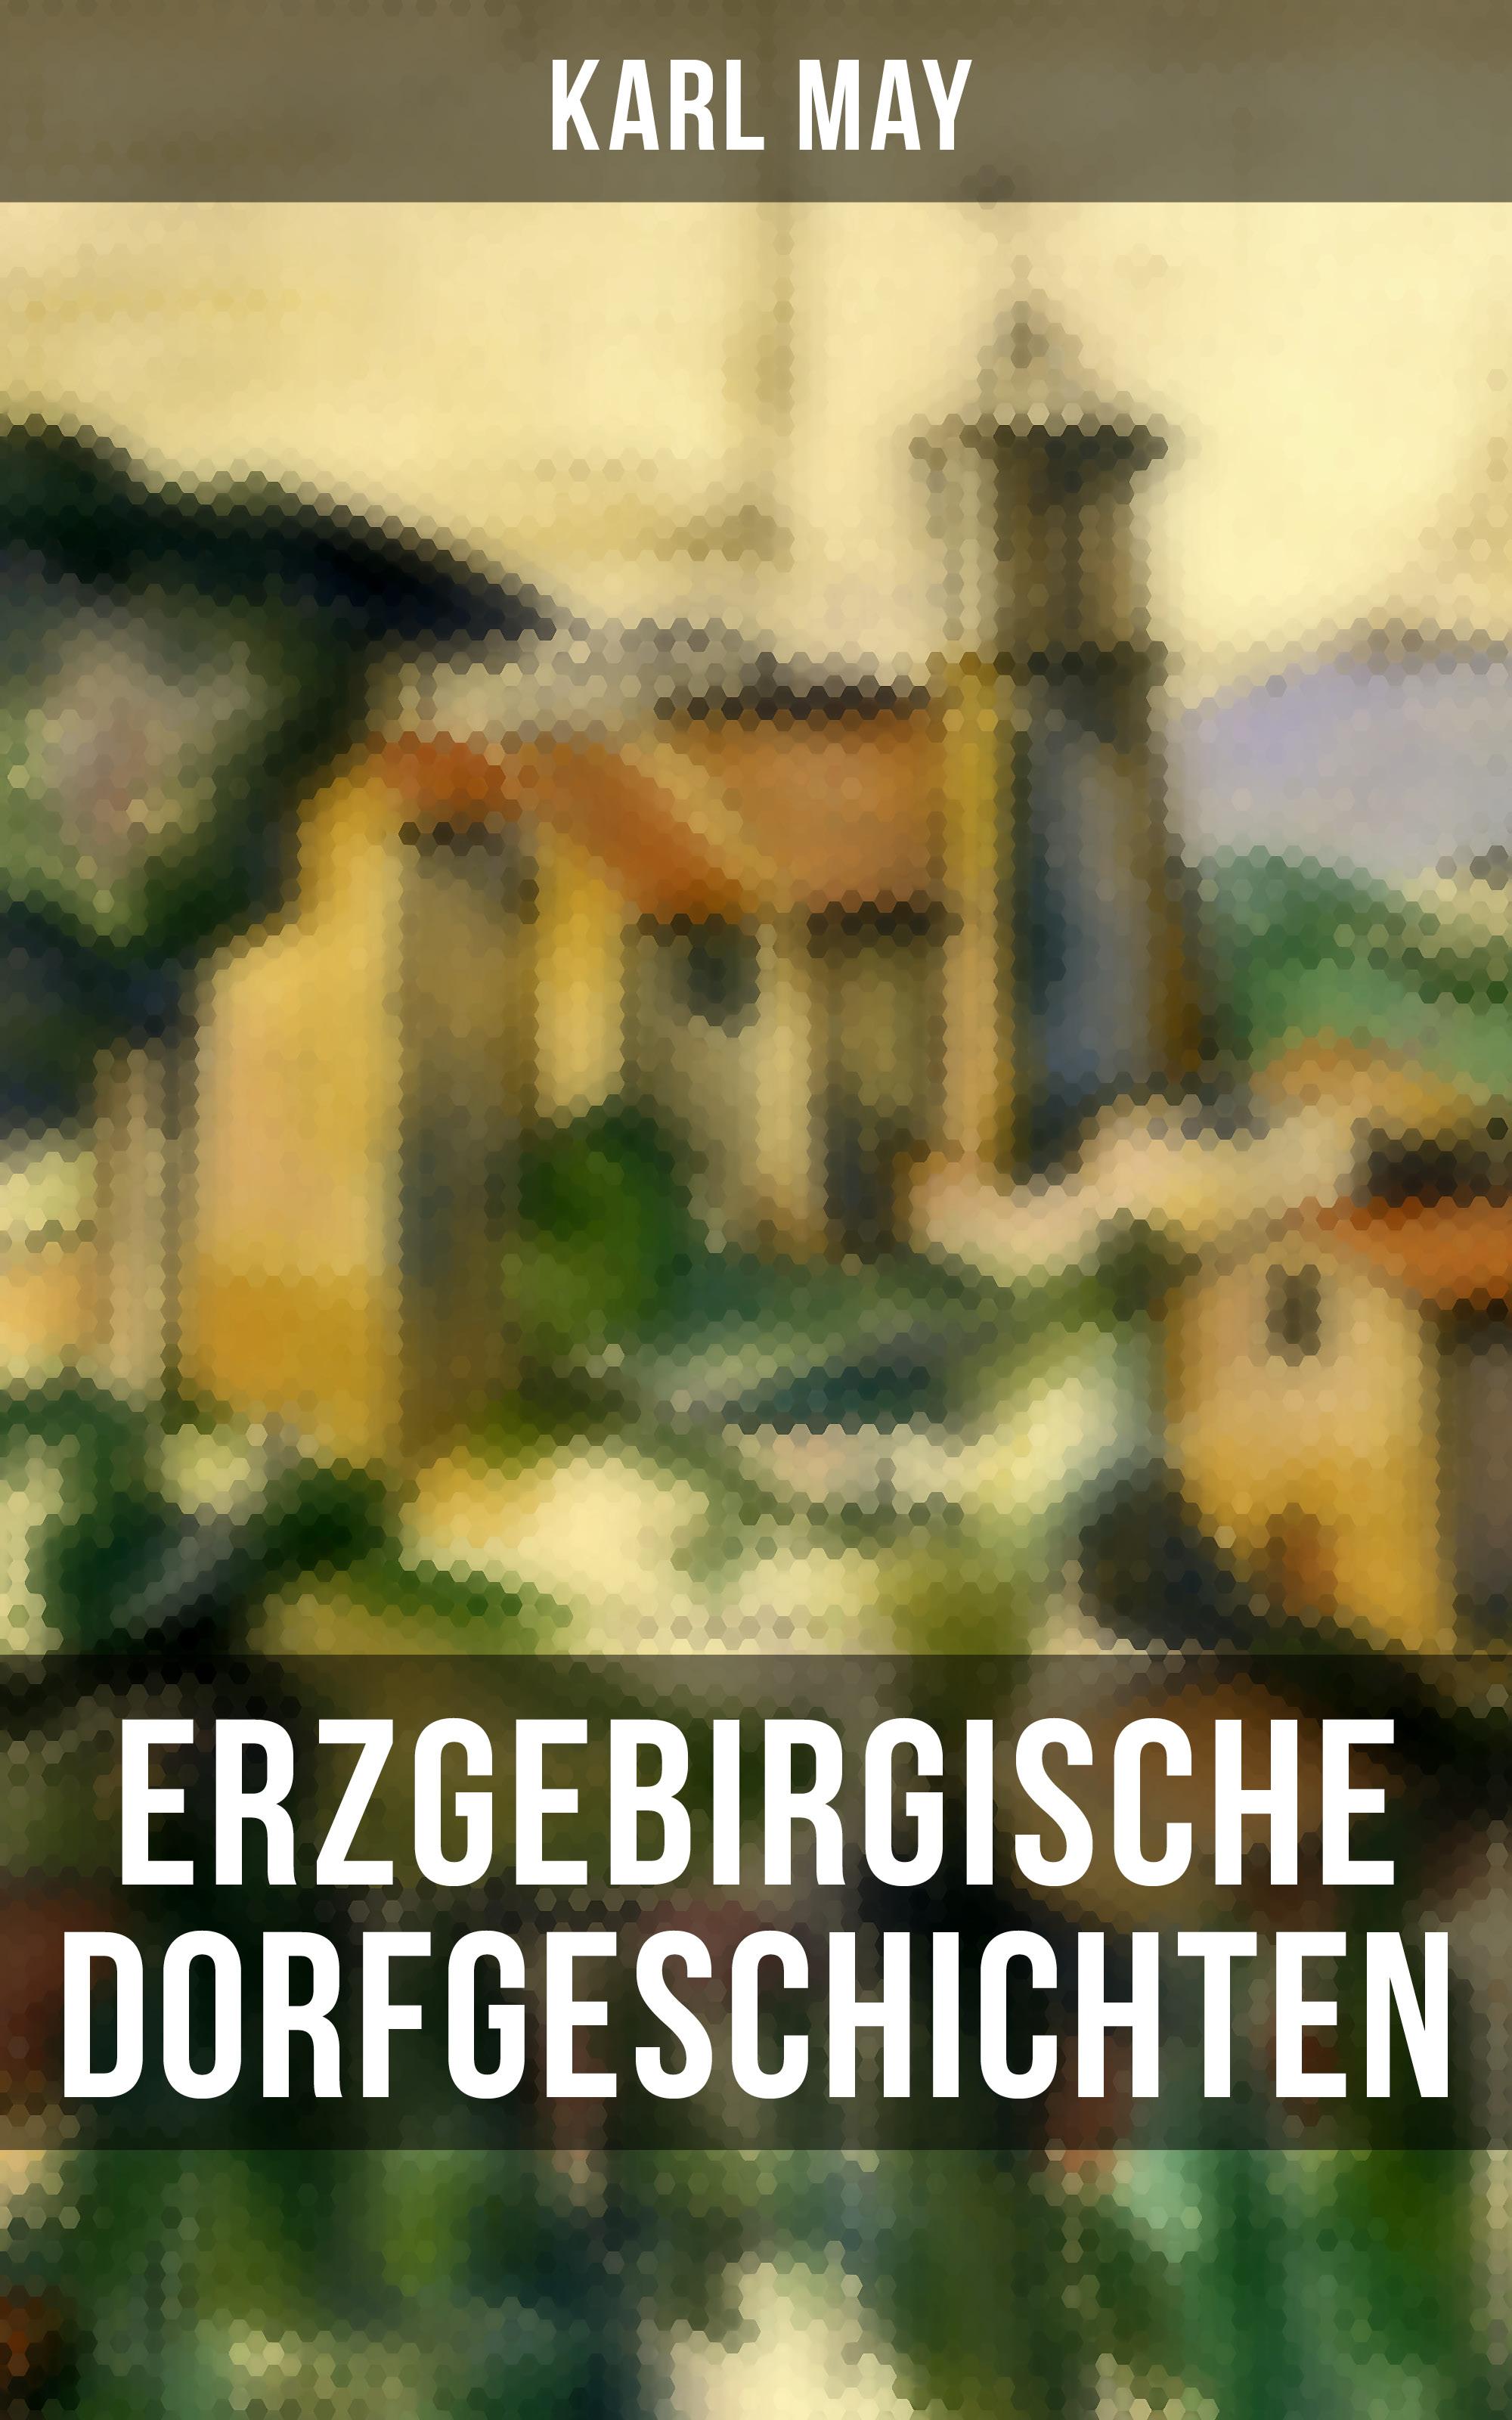 Karl May Erzgebirgische Dorfgeschichten